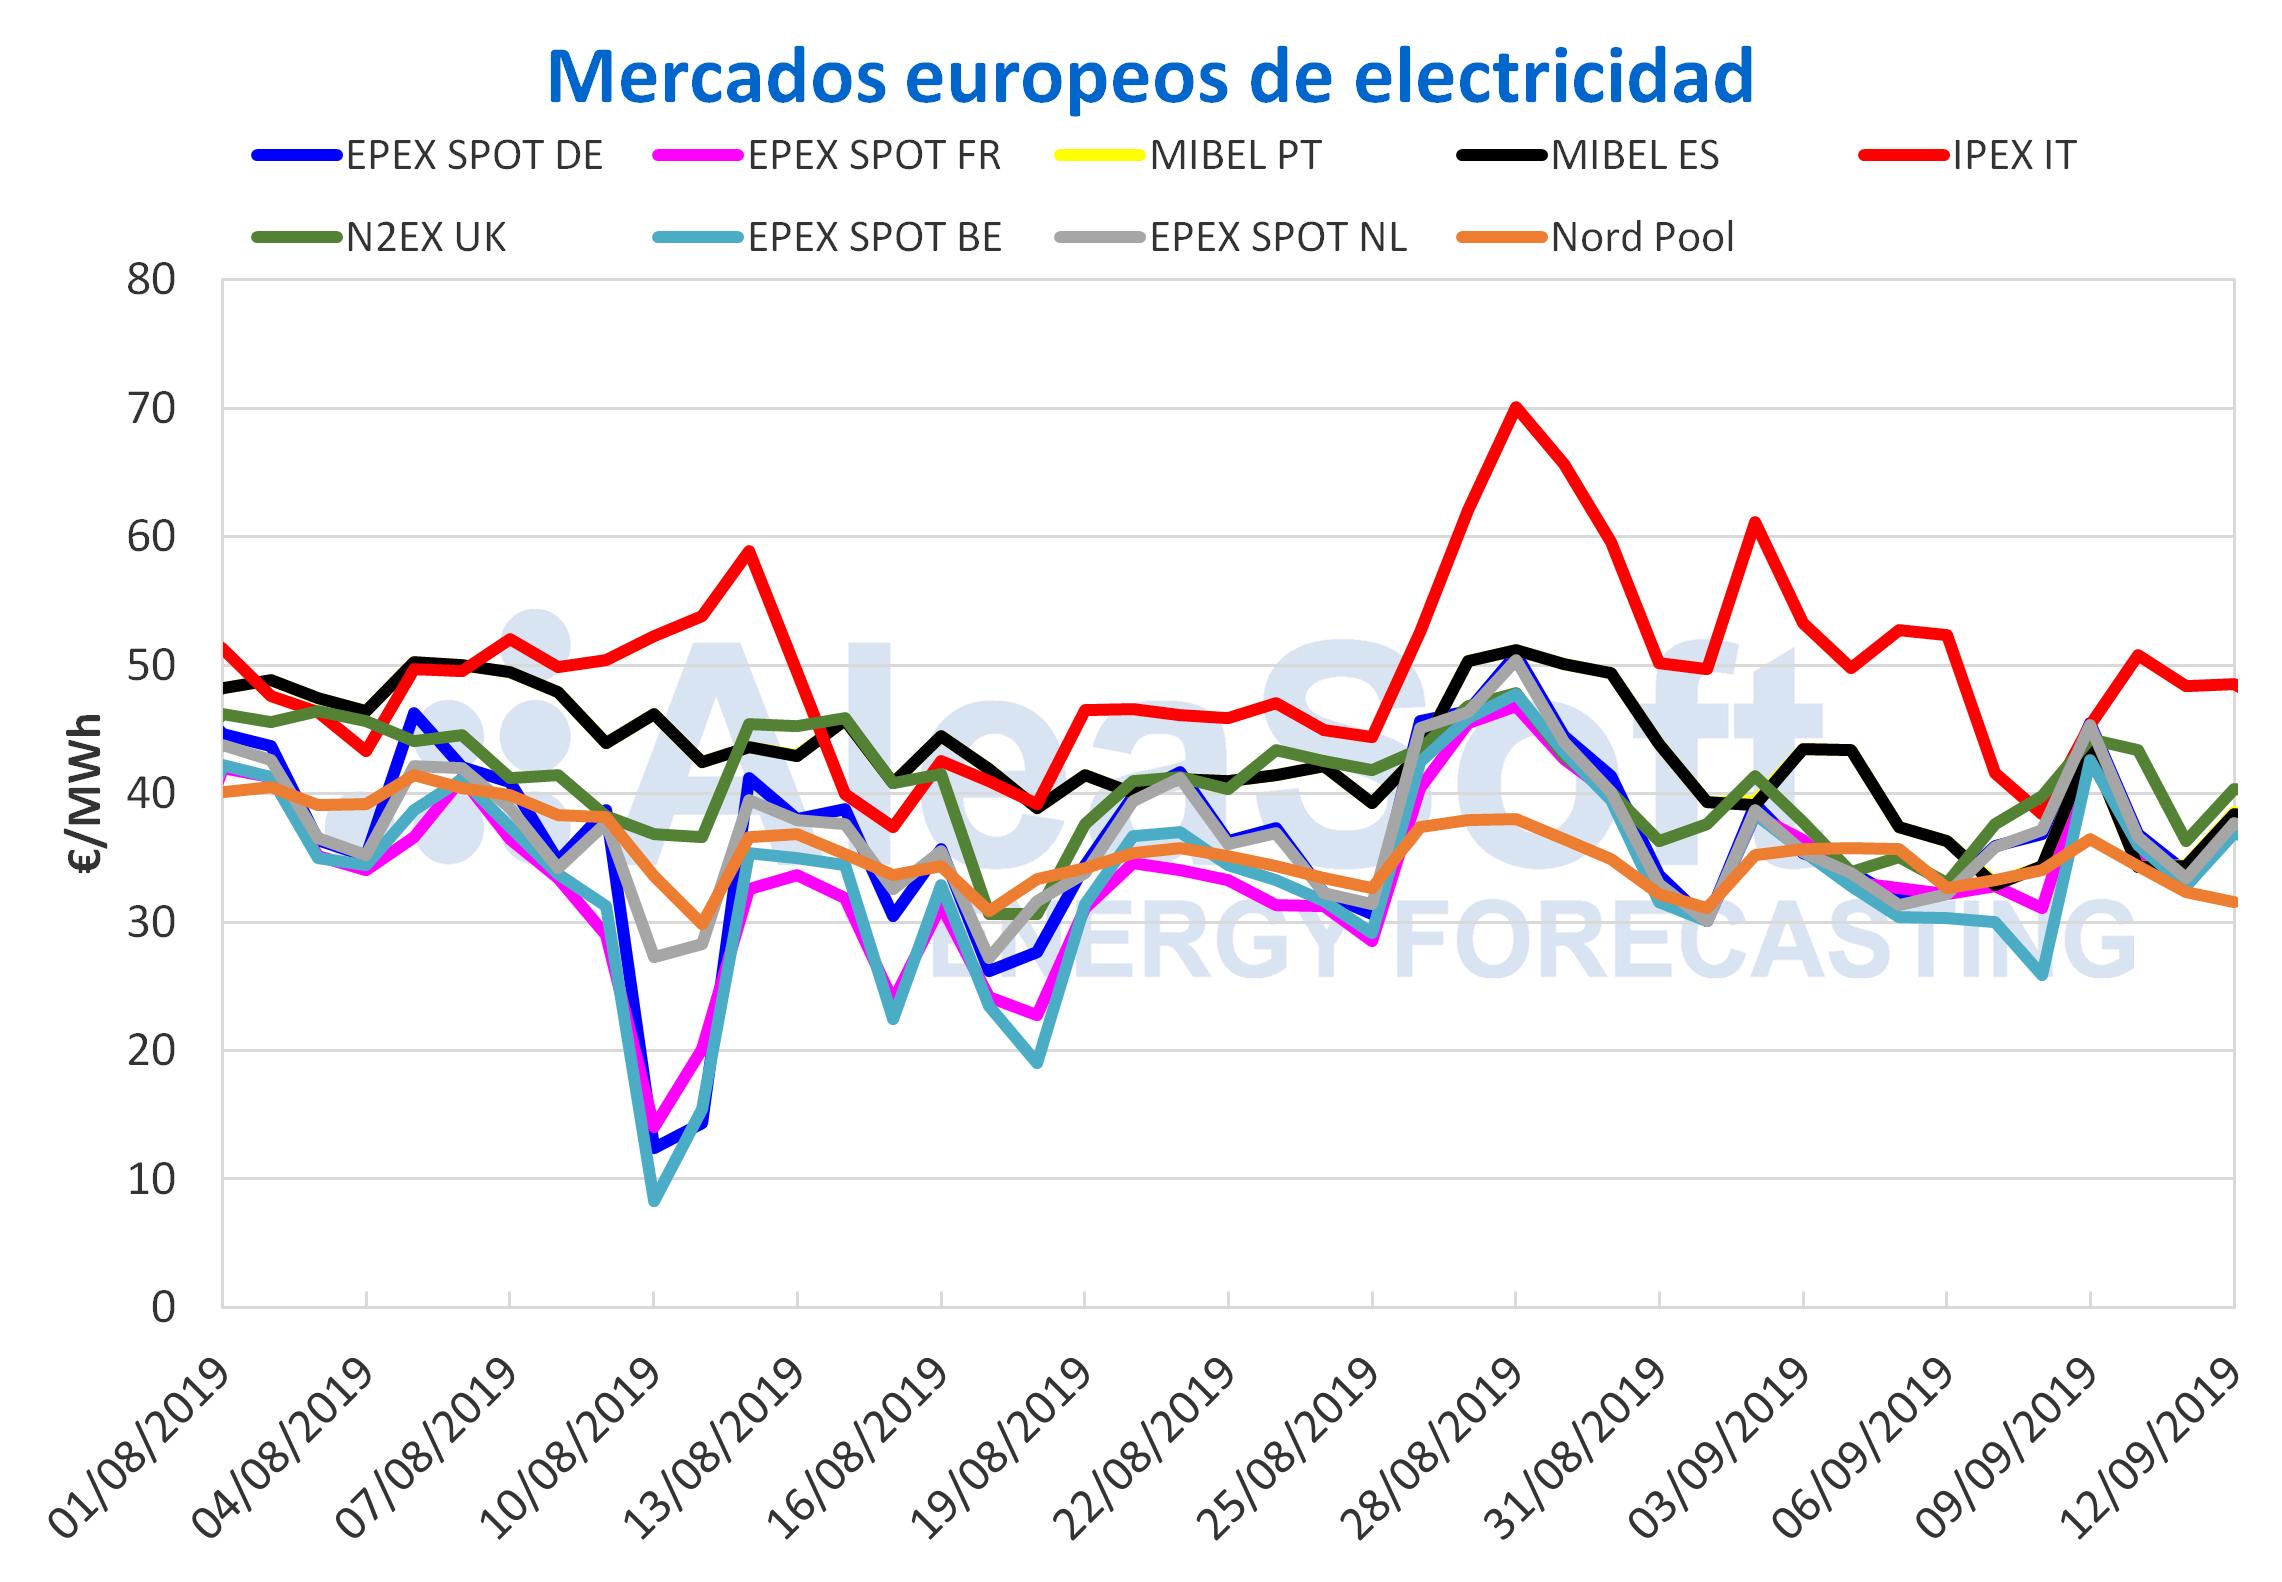 AleaSoft - Precios mercados europeos electricidad